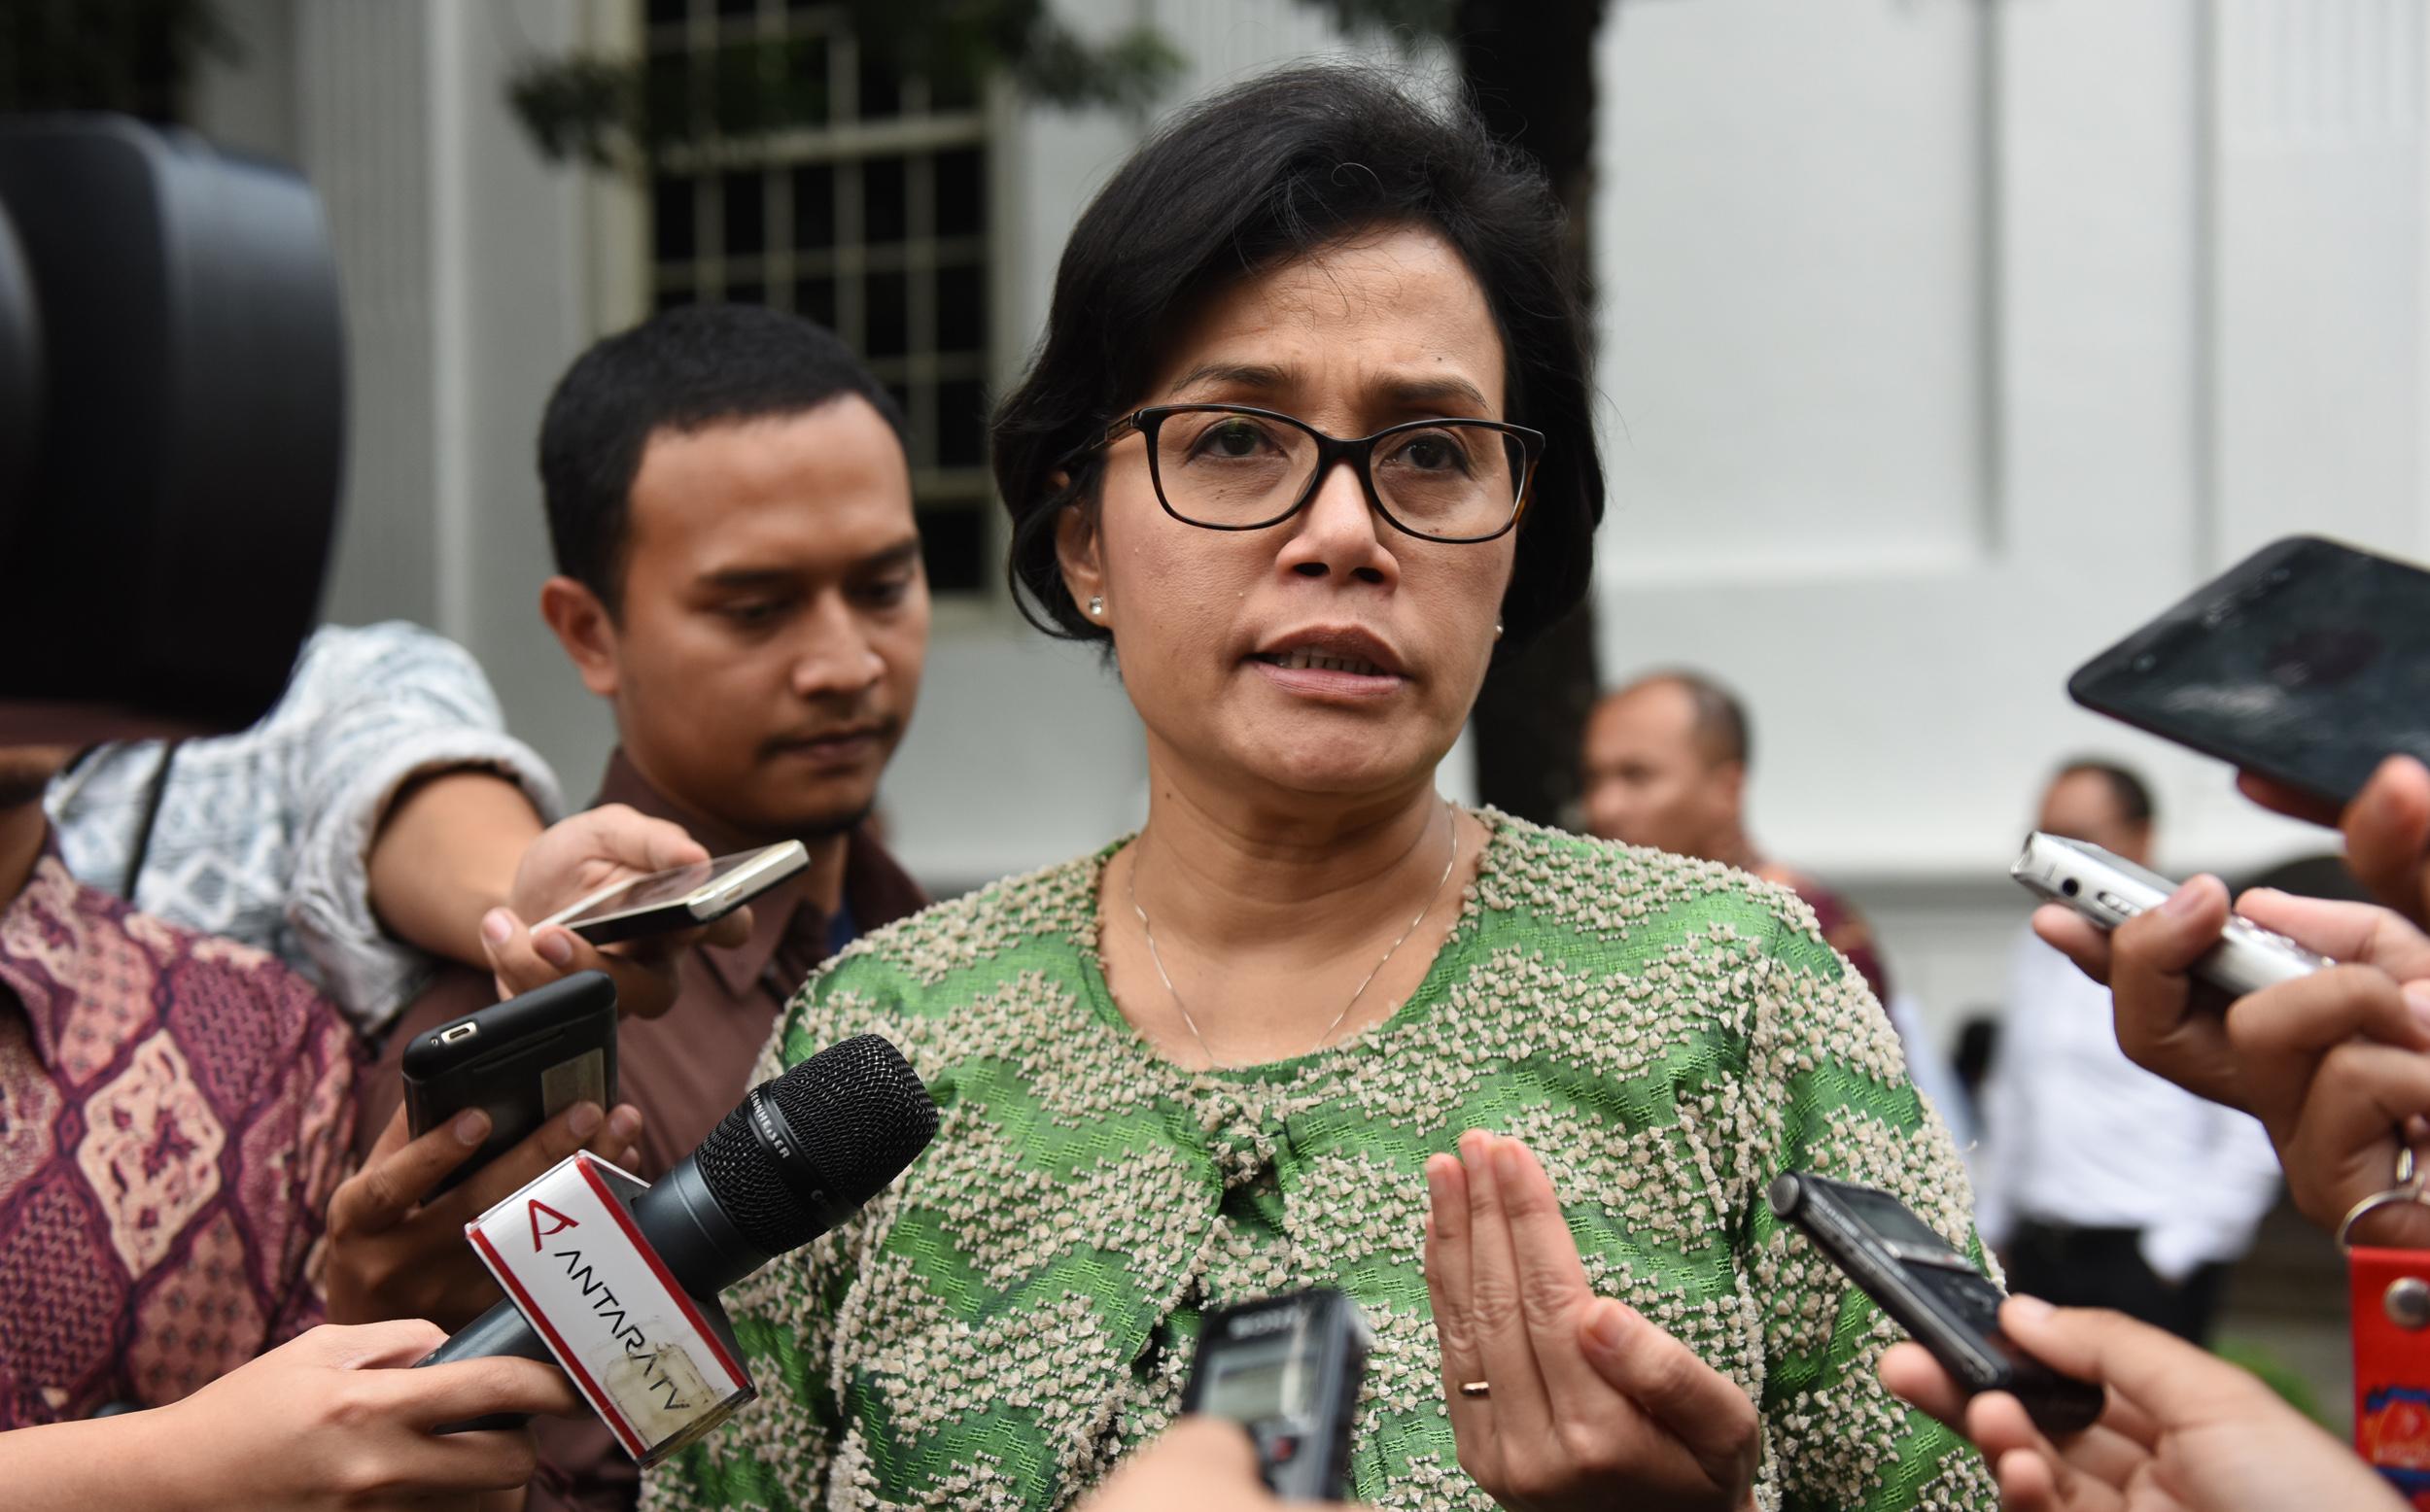 Menkeu Sri Mulyani Indrawati menjawab pertanyaan wartawan usai sidang kabinet paripurna, di Istana Negara, Jakarta, Selasa (4/4) sore. (Foto: Rahmat/Humas)